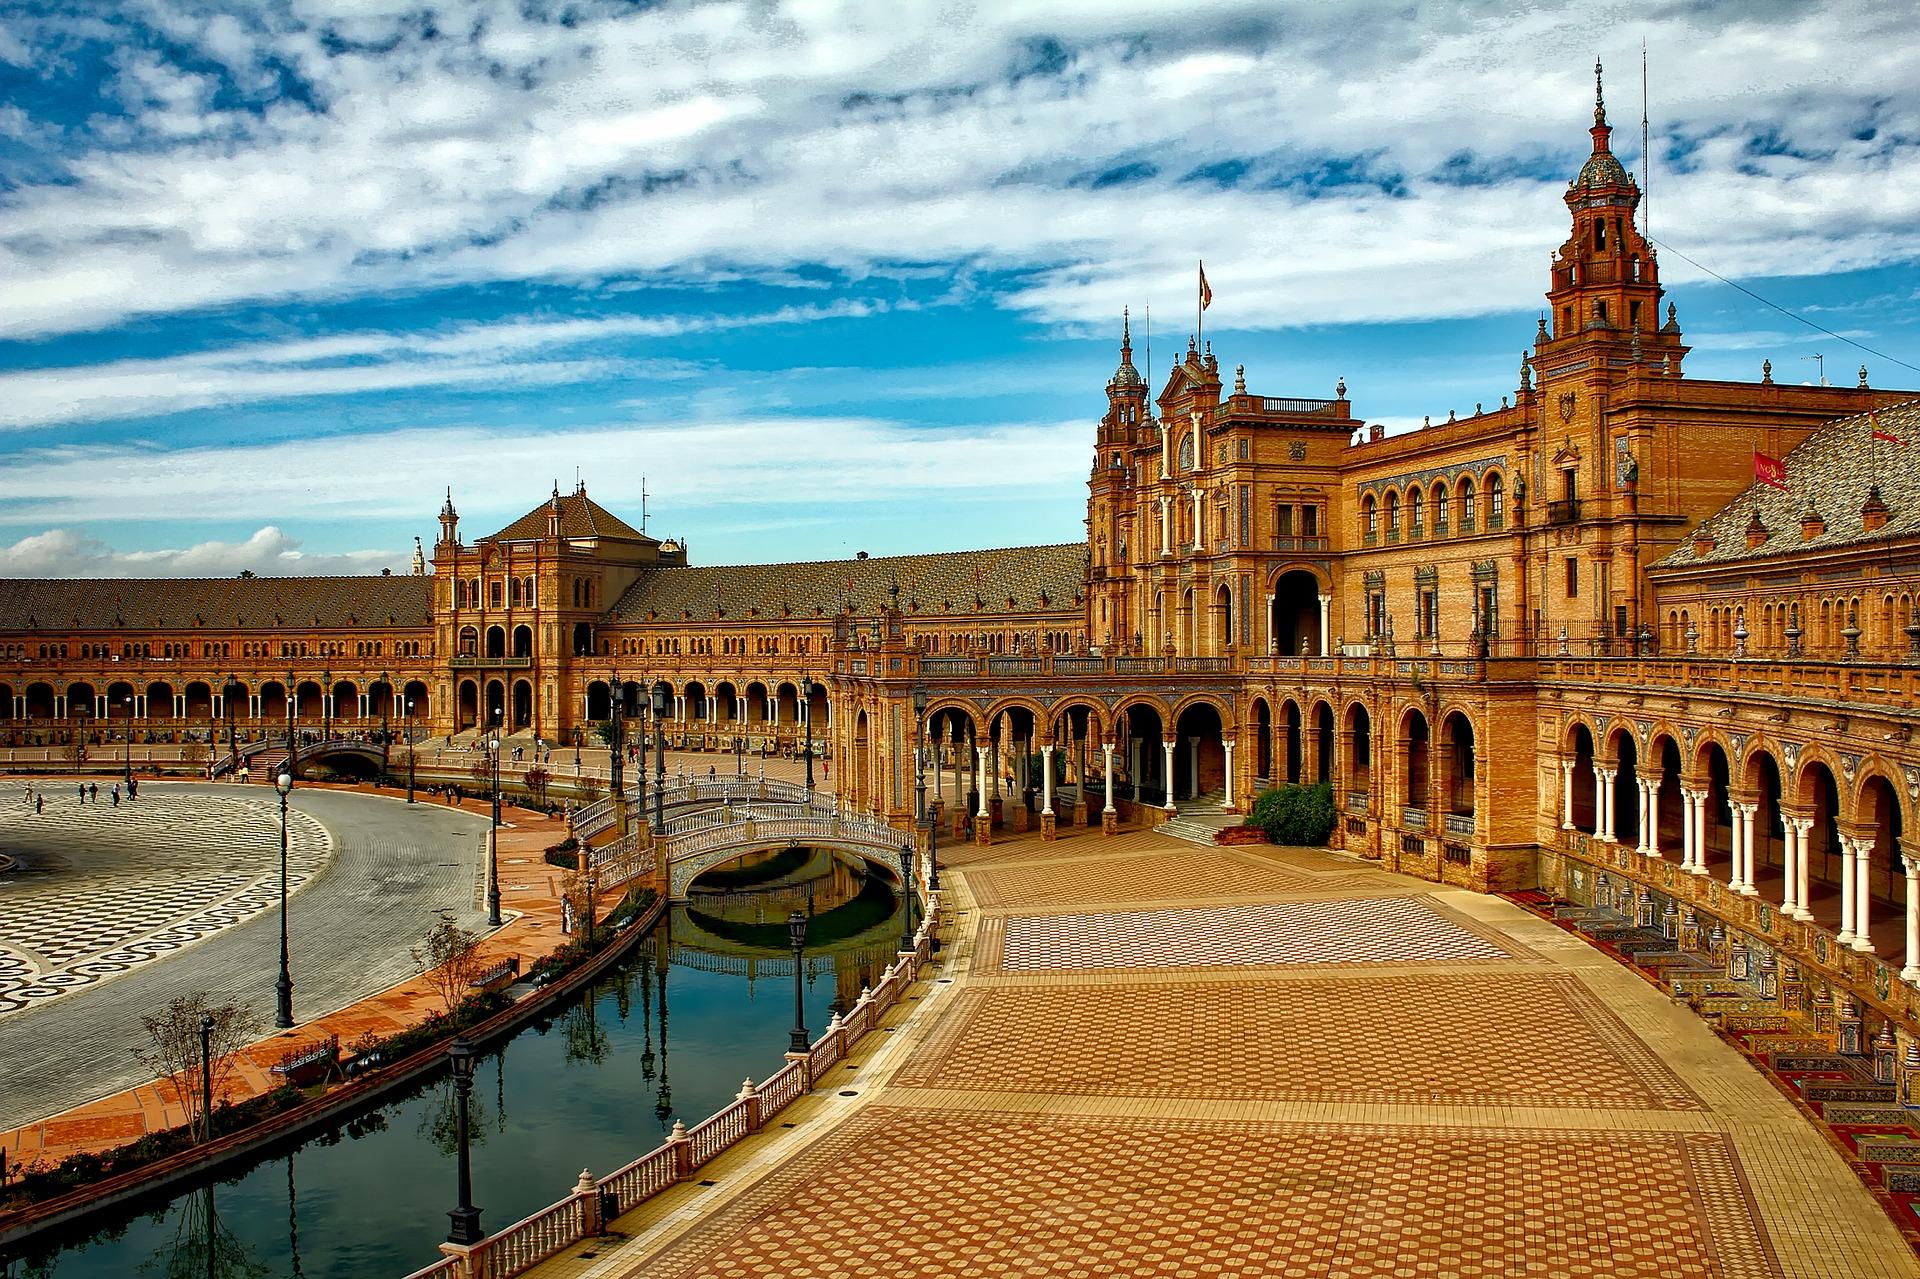 Plaza de España, Sevilla, Seville, España, Spain. Photo by 12019 on Pixabay